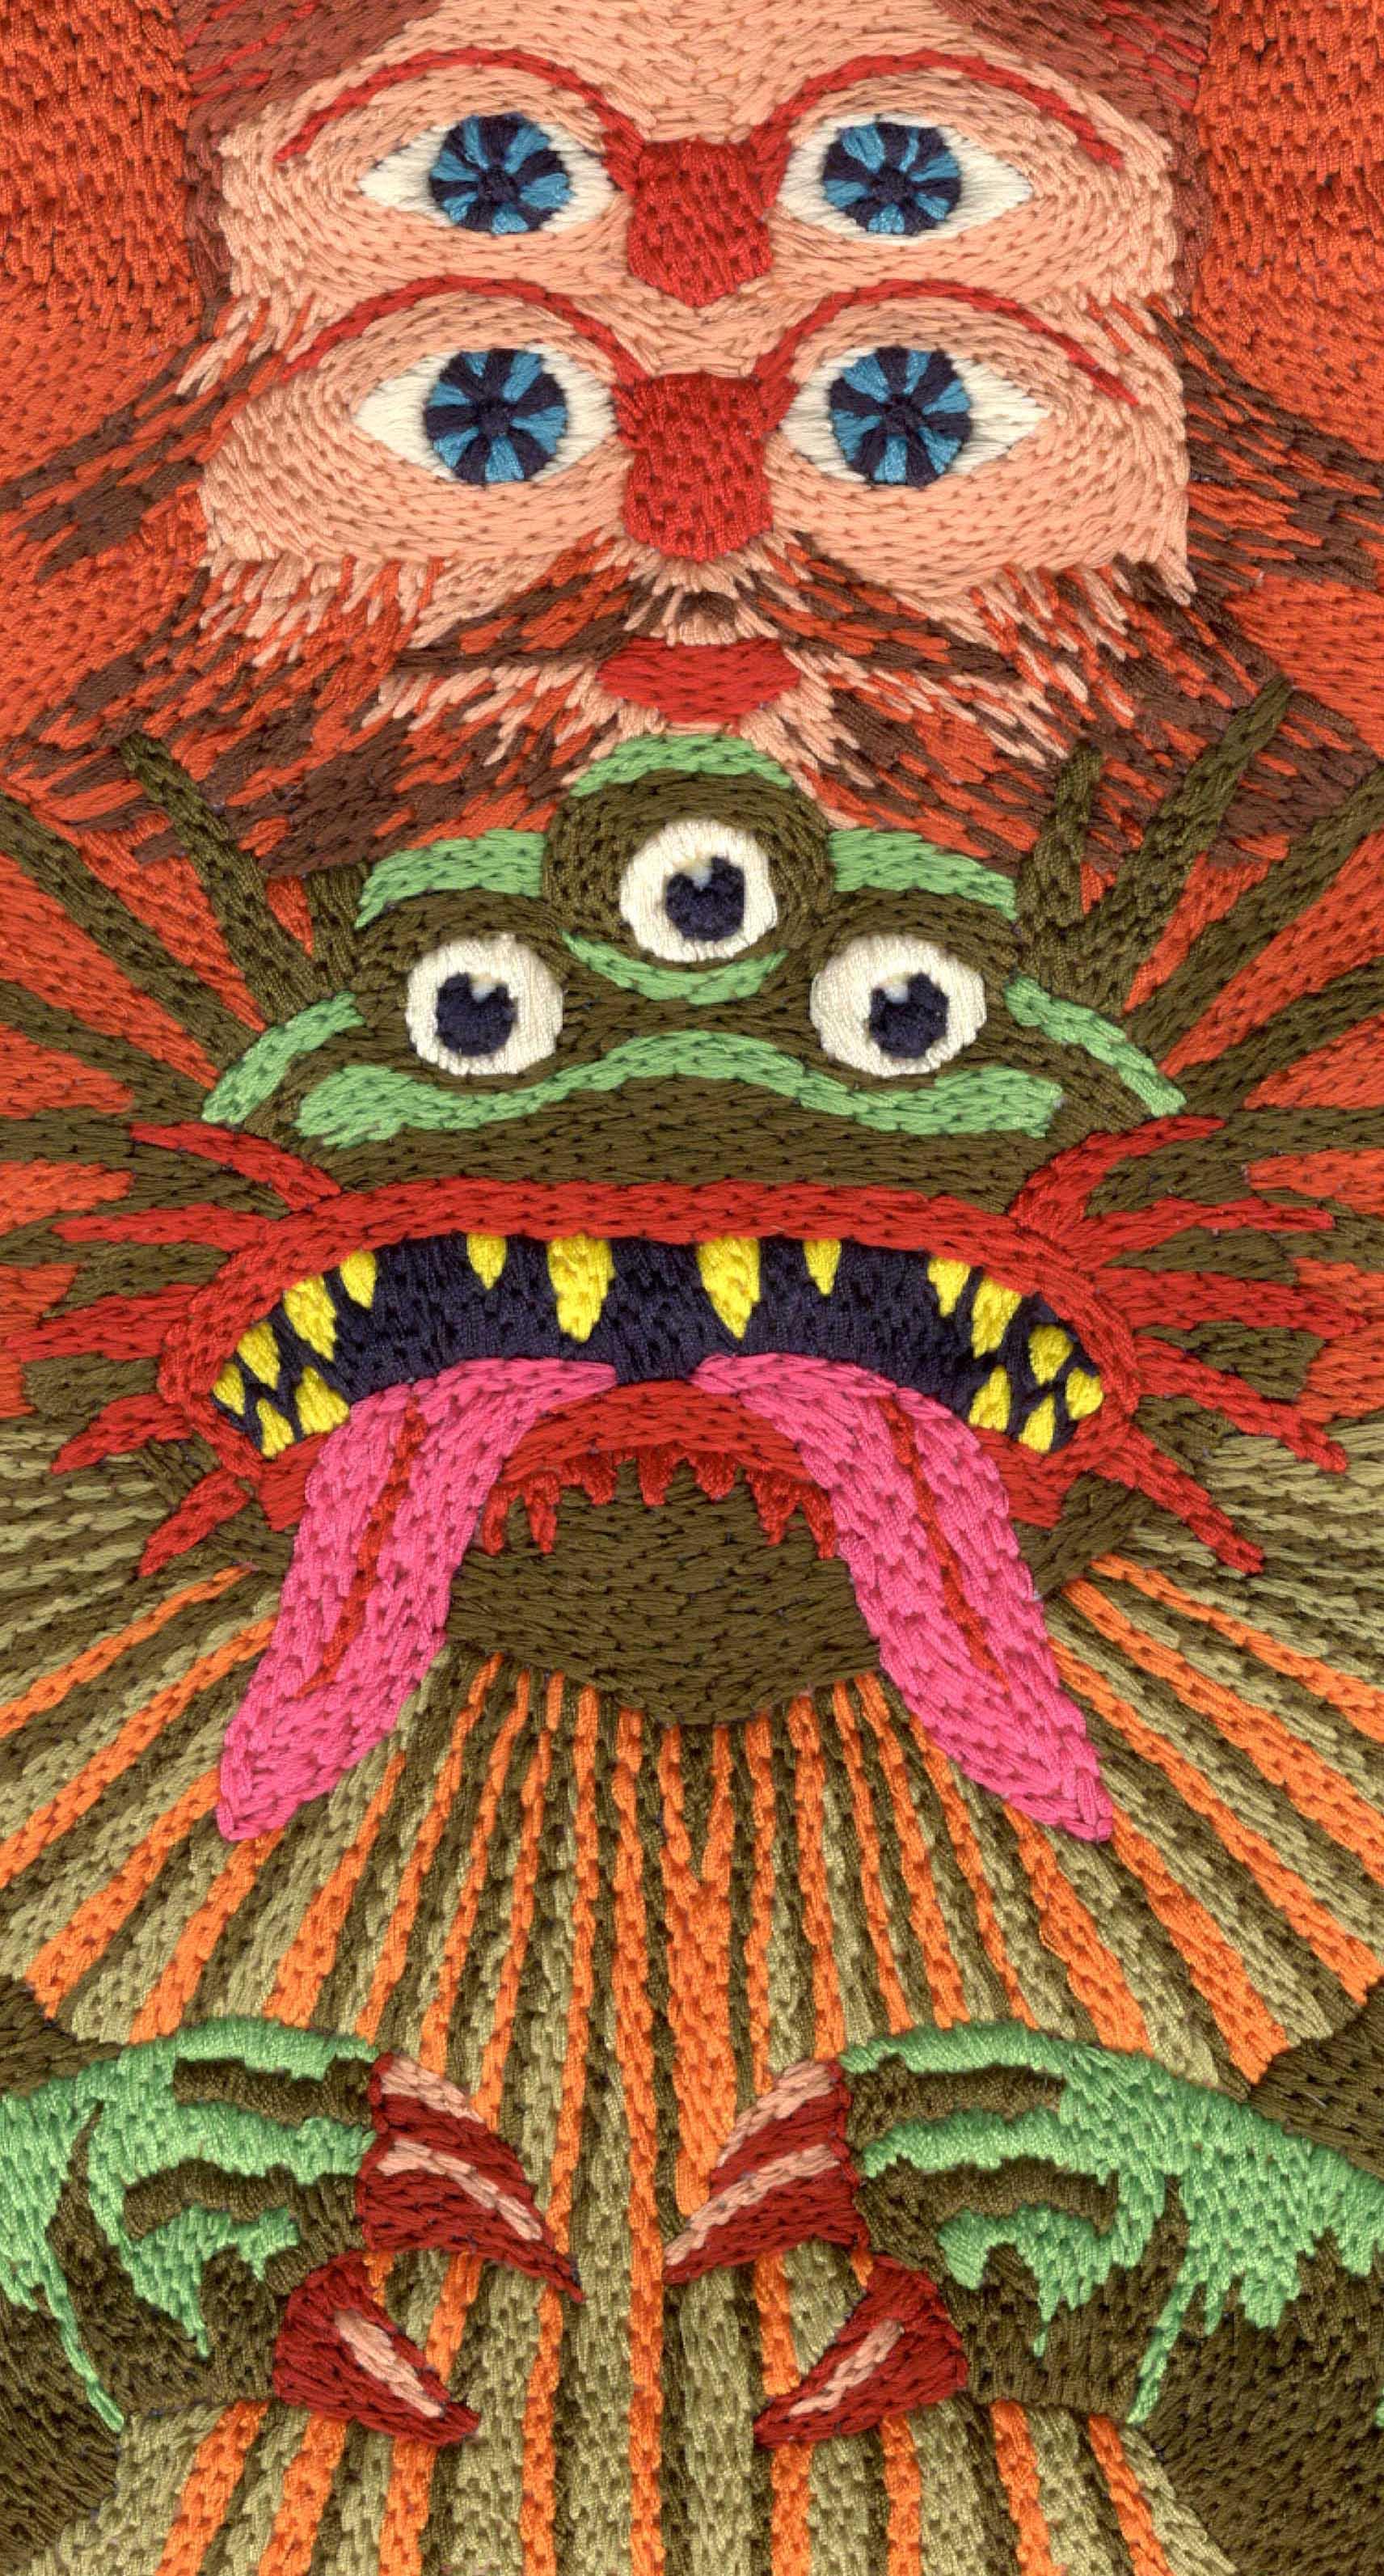 Almas Pieters - Godzillaman (detail)